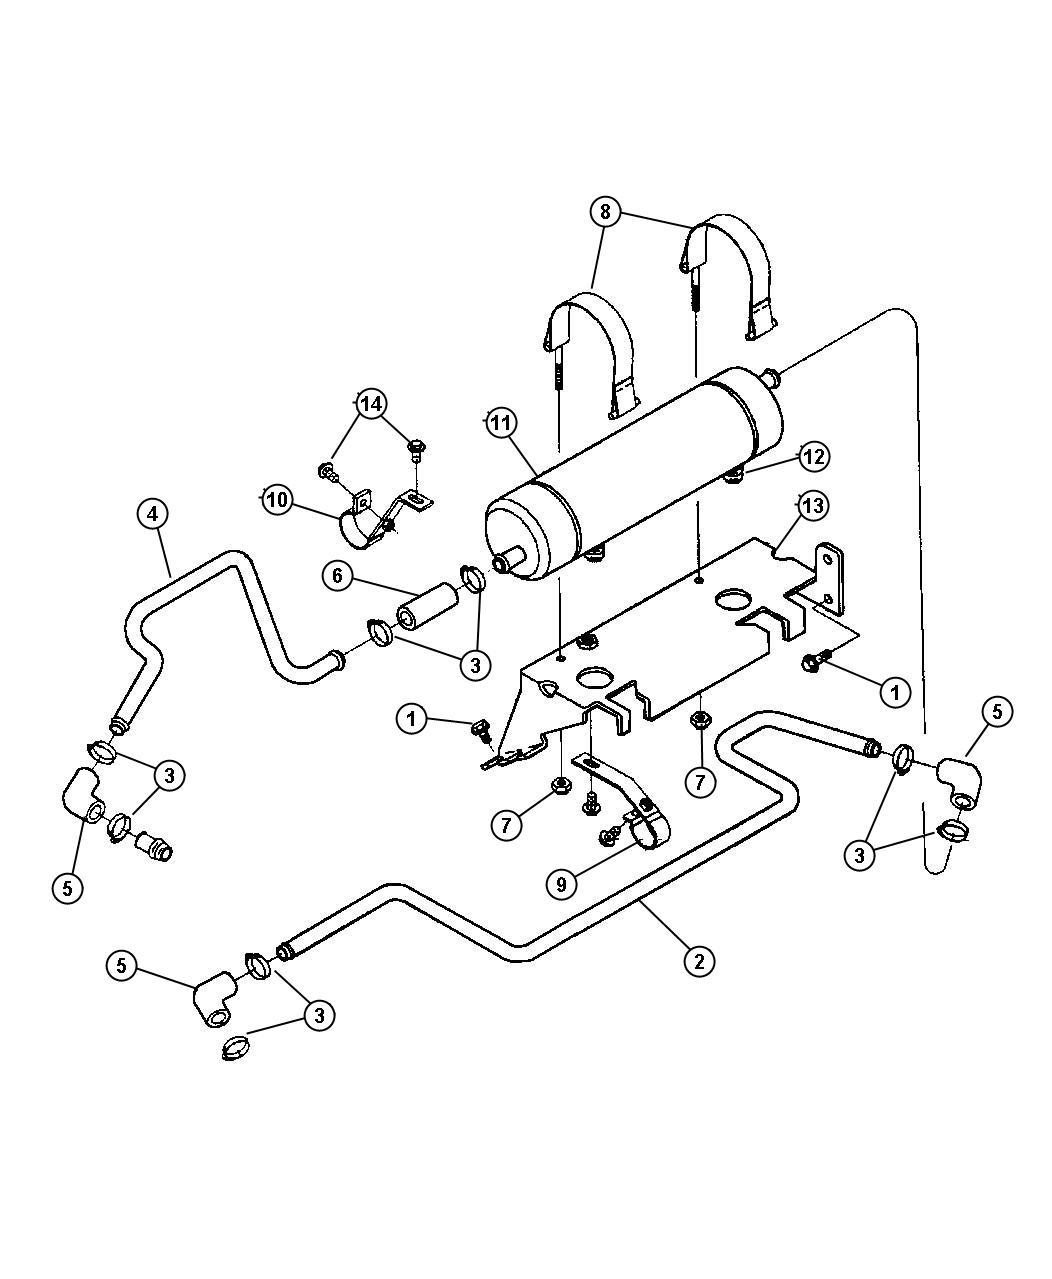 7 heater hoses and reservoir tank oil cooler torque converter